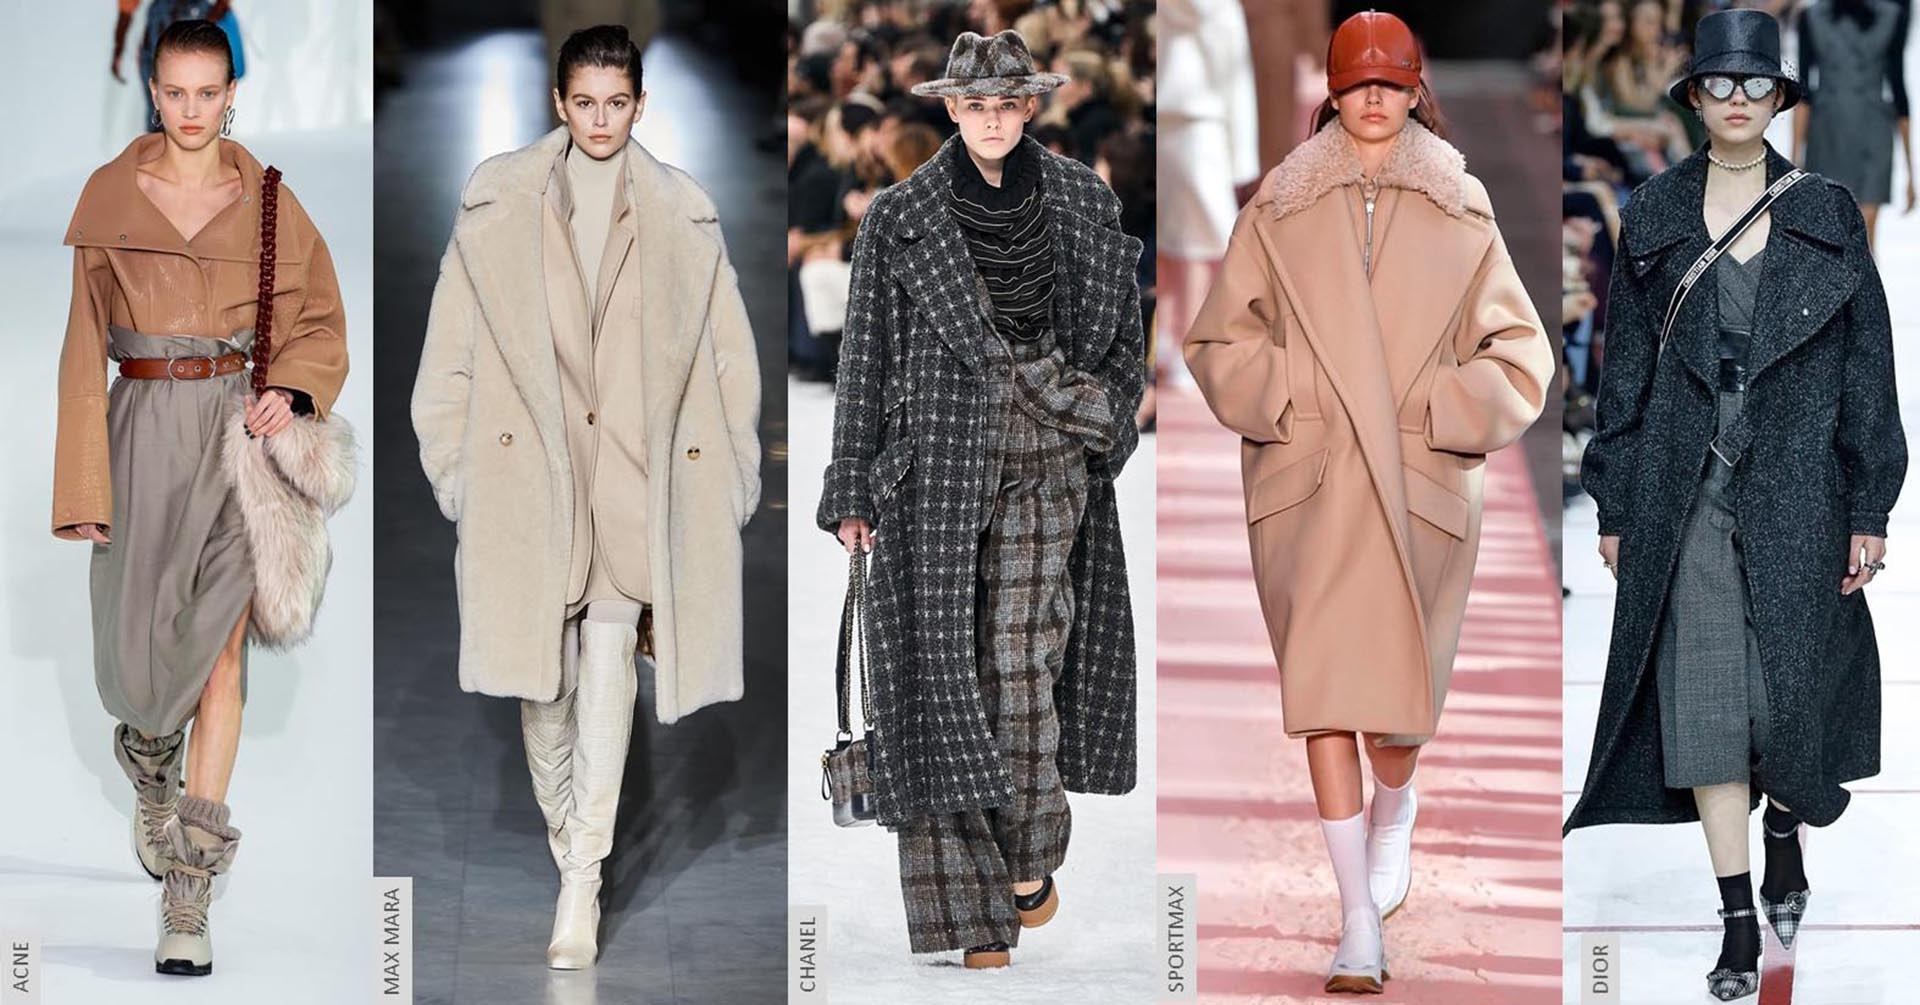 Abrigos oversizes en las pasarelas de las semanas de la moda.